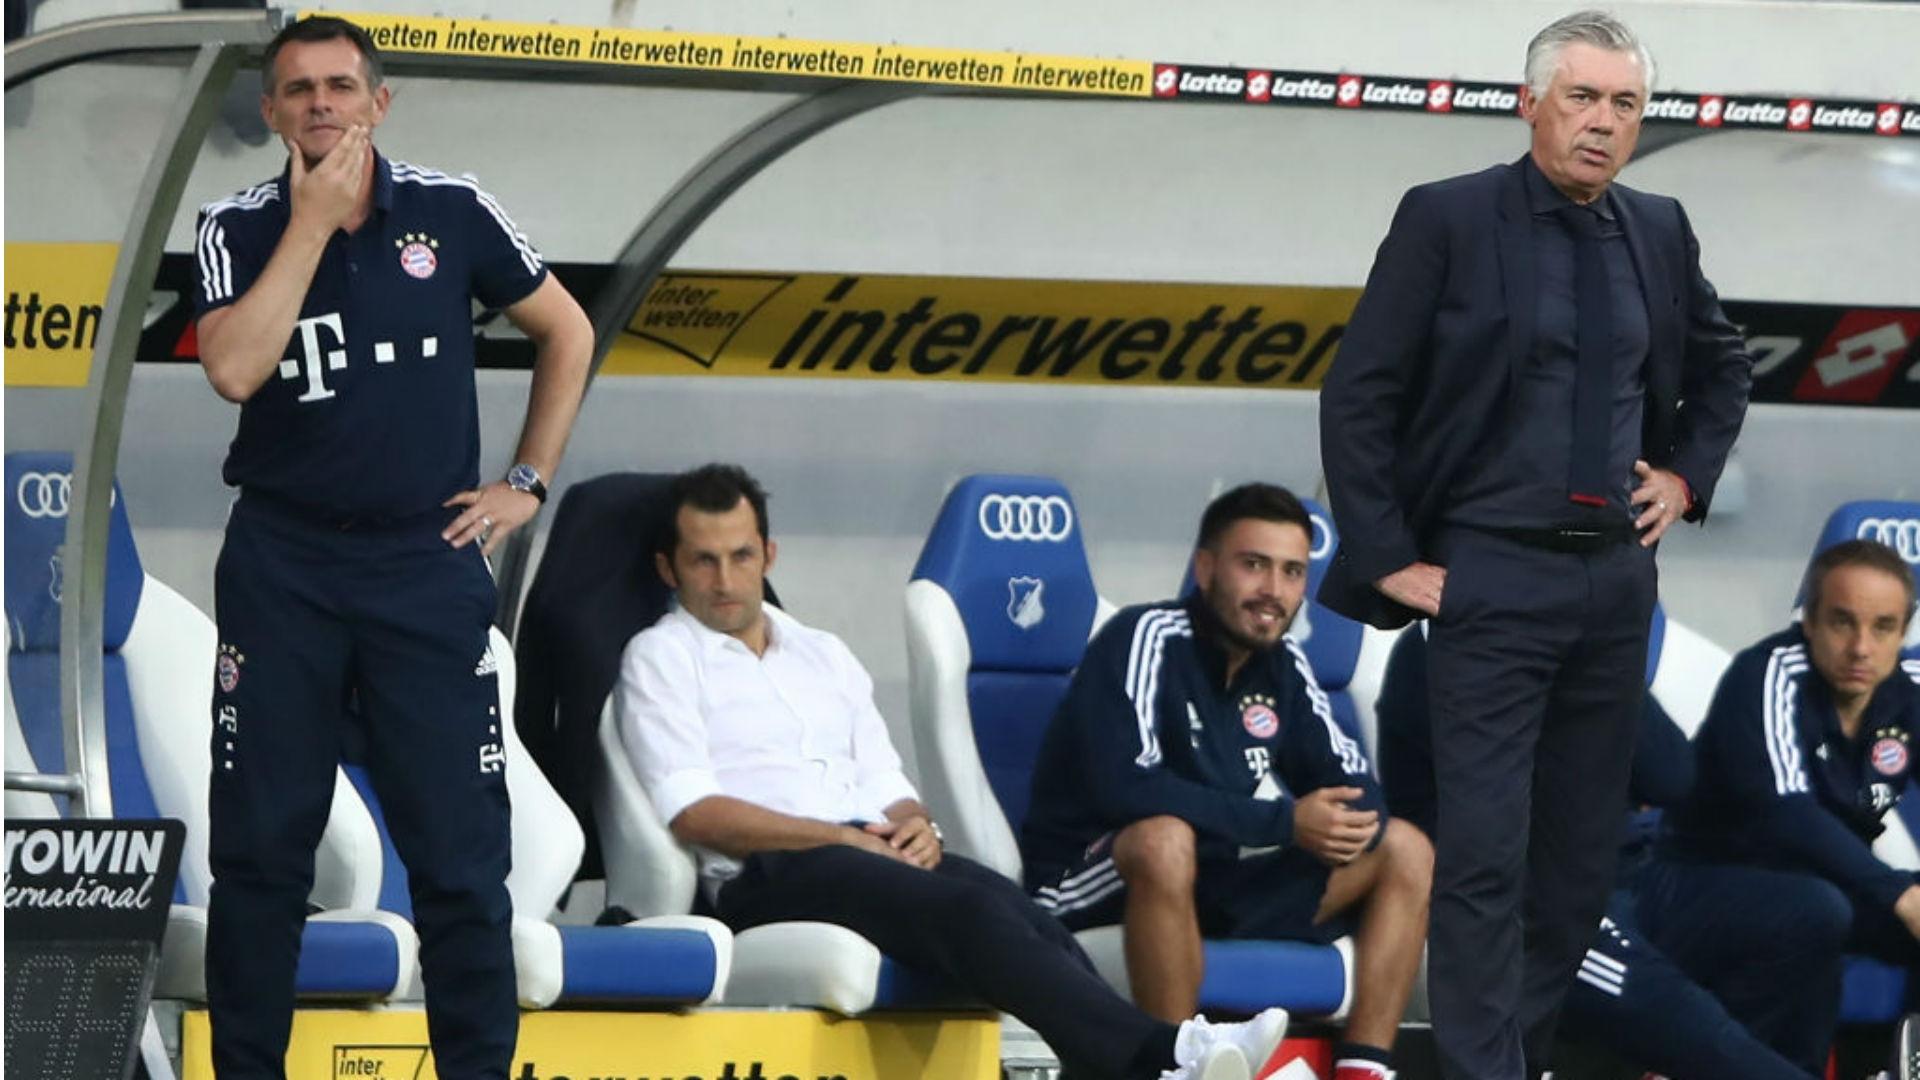 ancelotti - Bayern Munchen